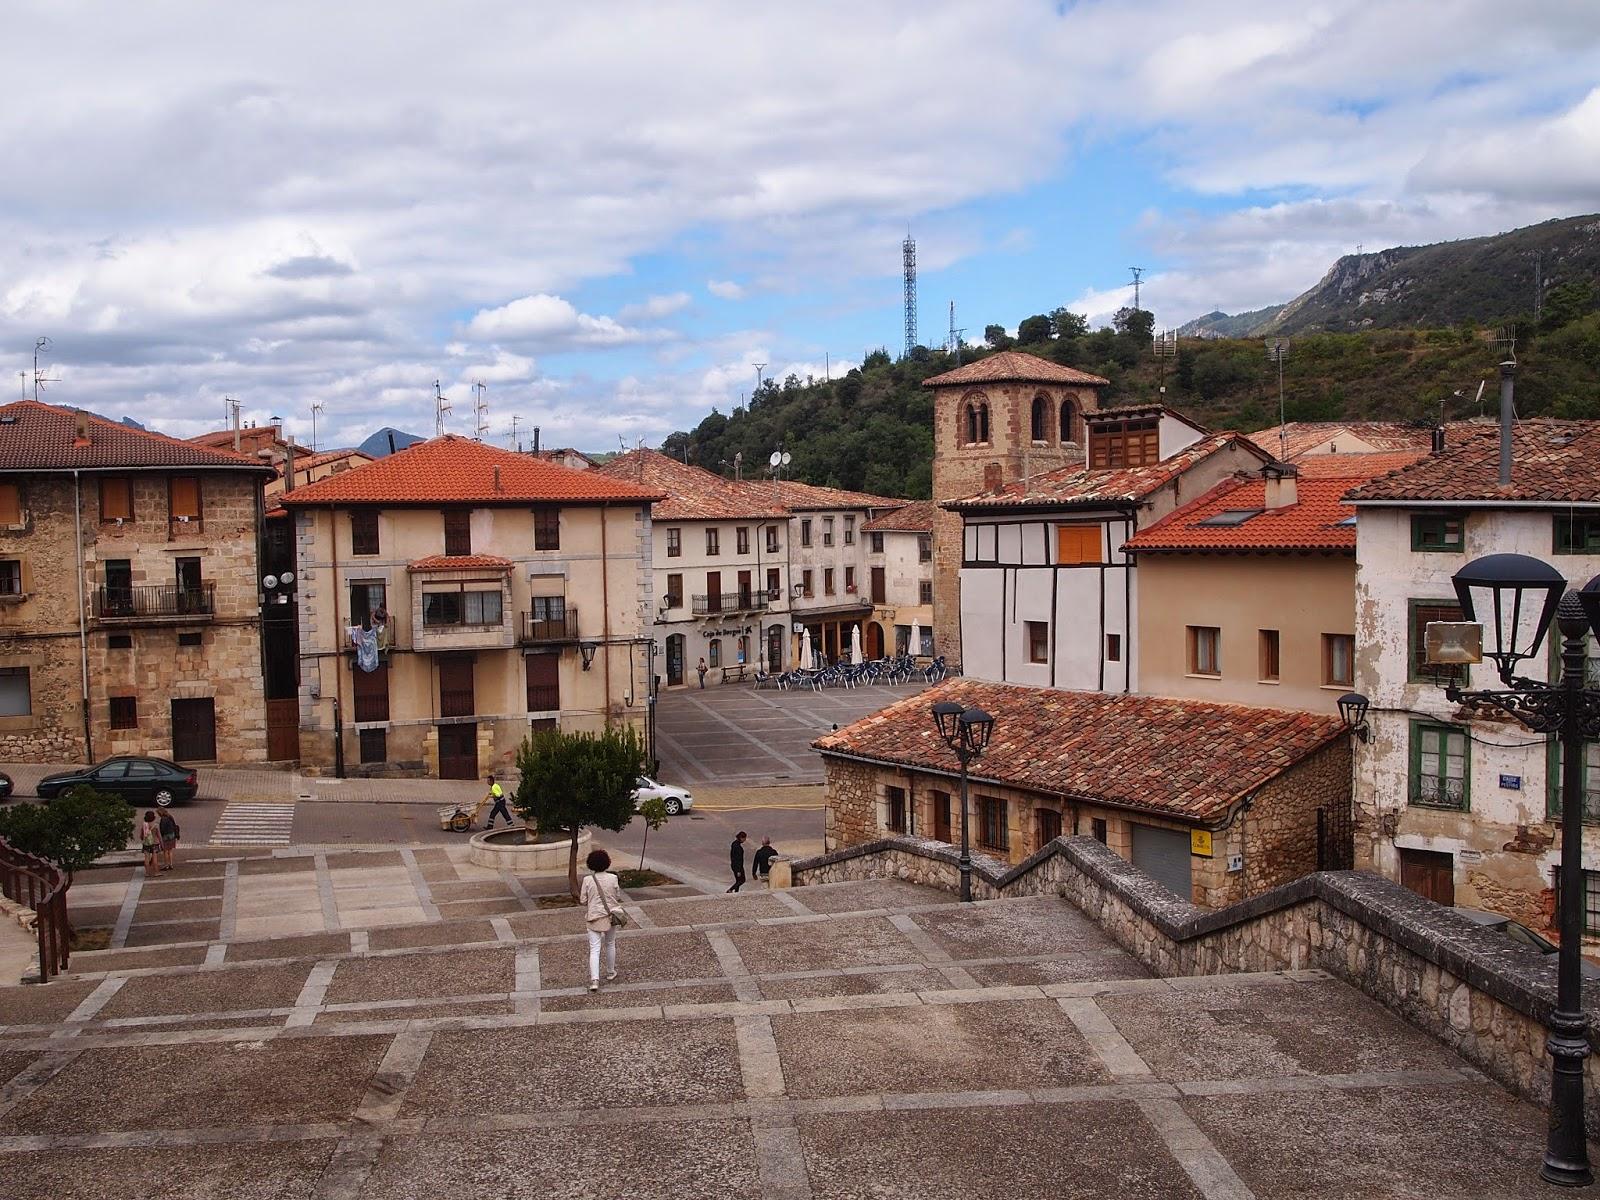 Por tierras de cantabria o a burgos - Casas de pueblo en cantabria ...